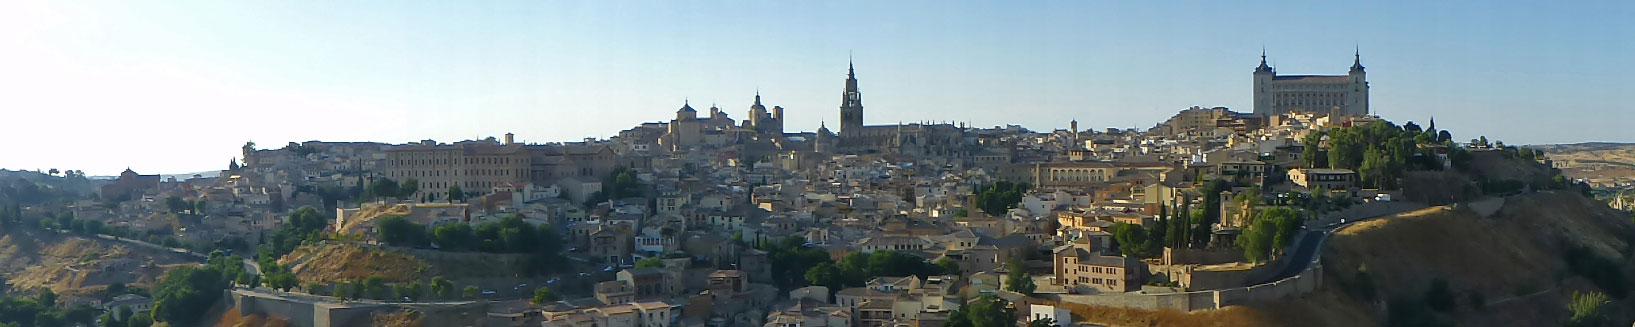 Guía turística con toda la información necesaria para visitar Toledo